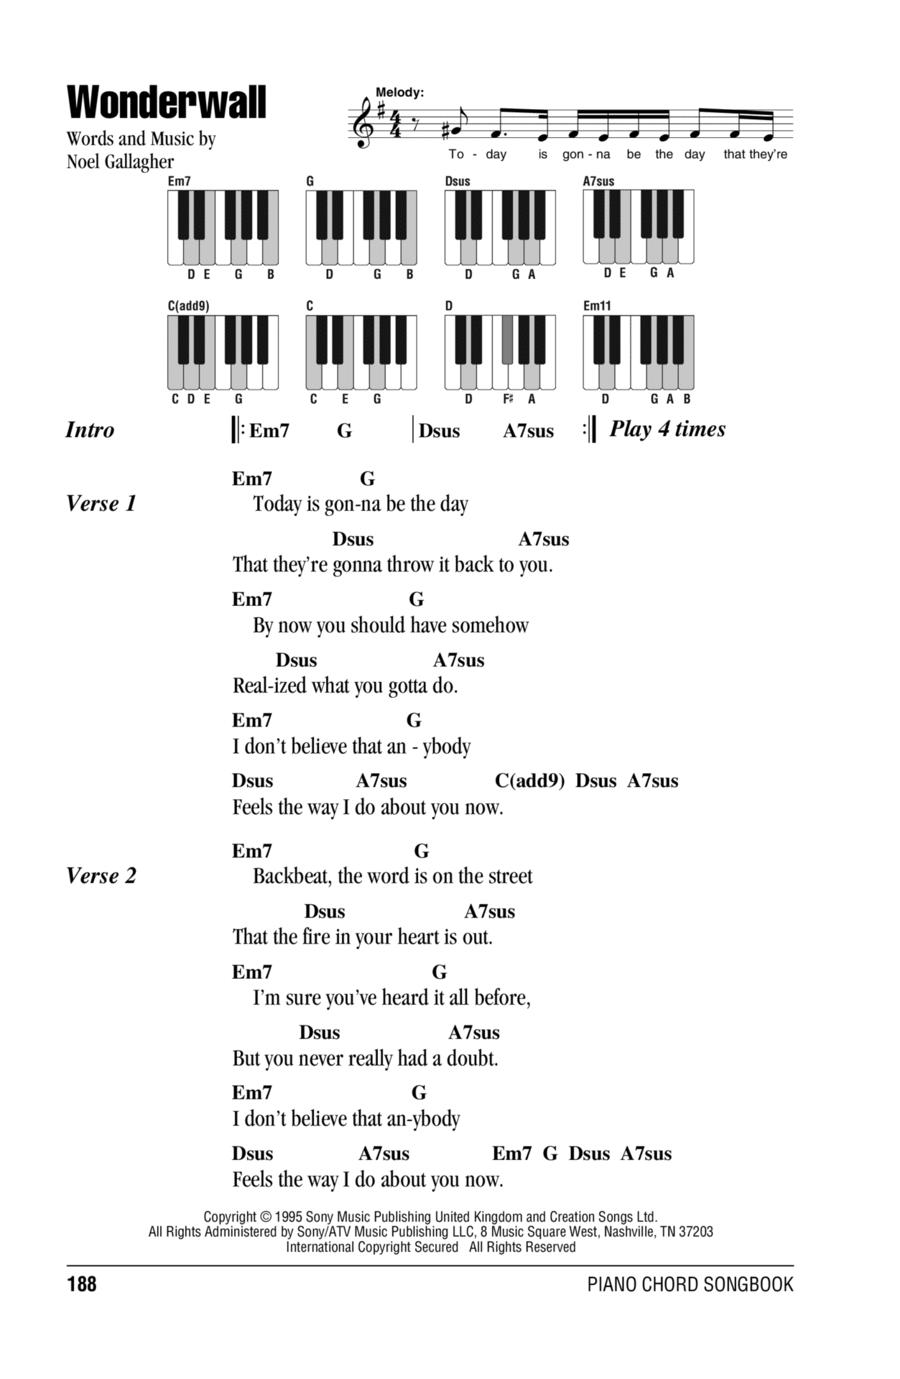 Ukulele u00bb Ukulele Tabs Wonderwall - Music Sheets, Tablature, Chords and Lyrics